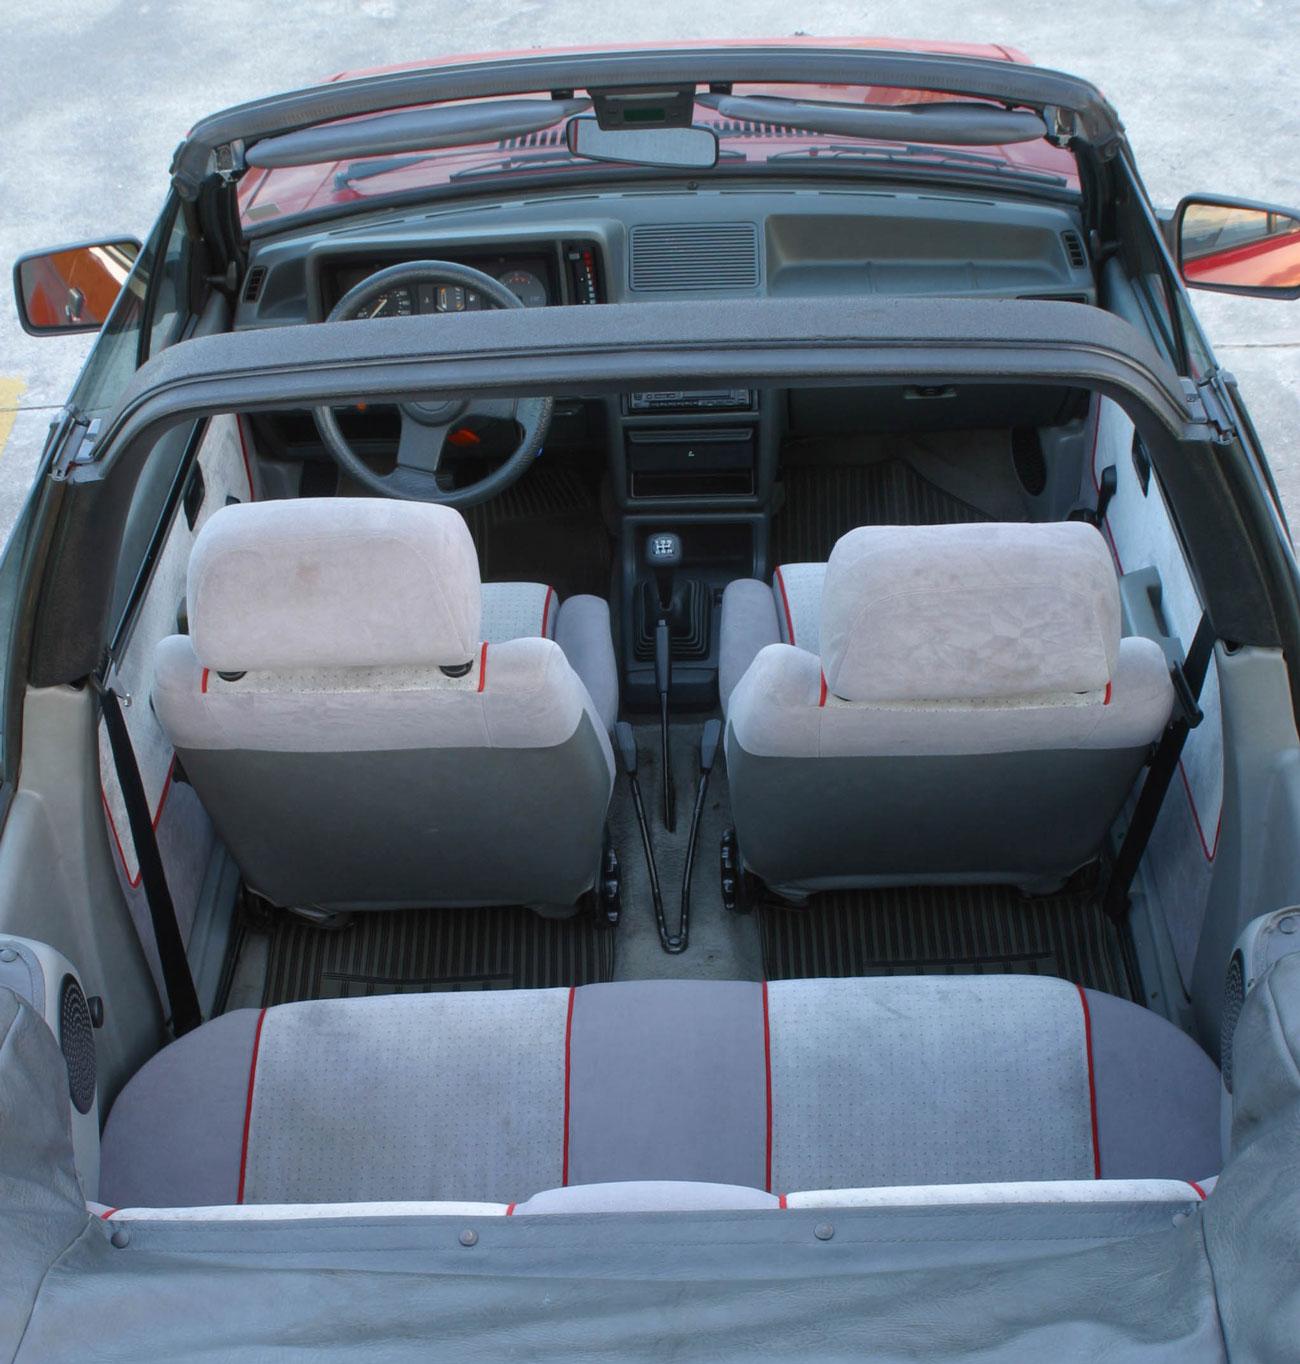 Para baixar a capota, basta soltar duas travas que ficam sobre as janelas do motorista